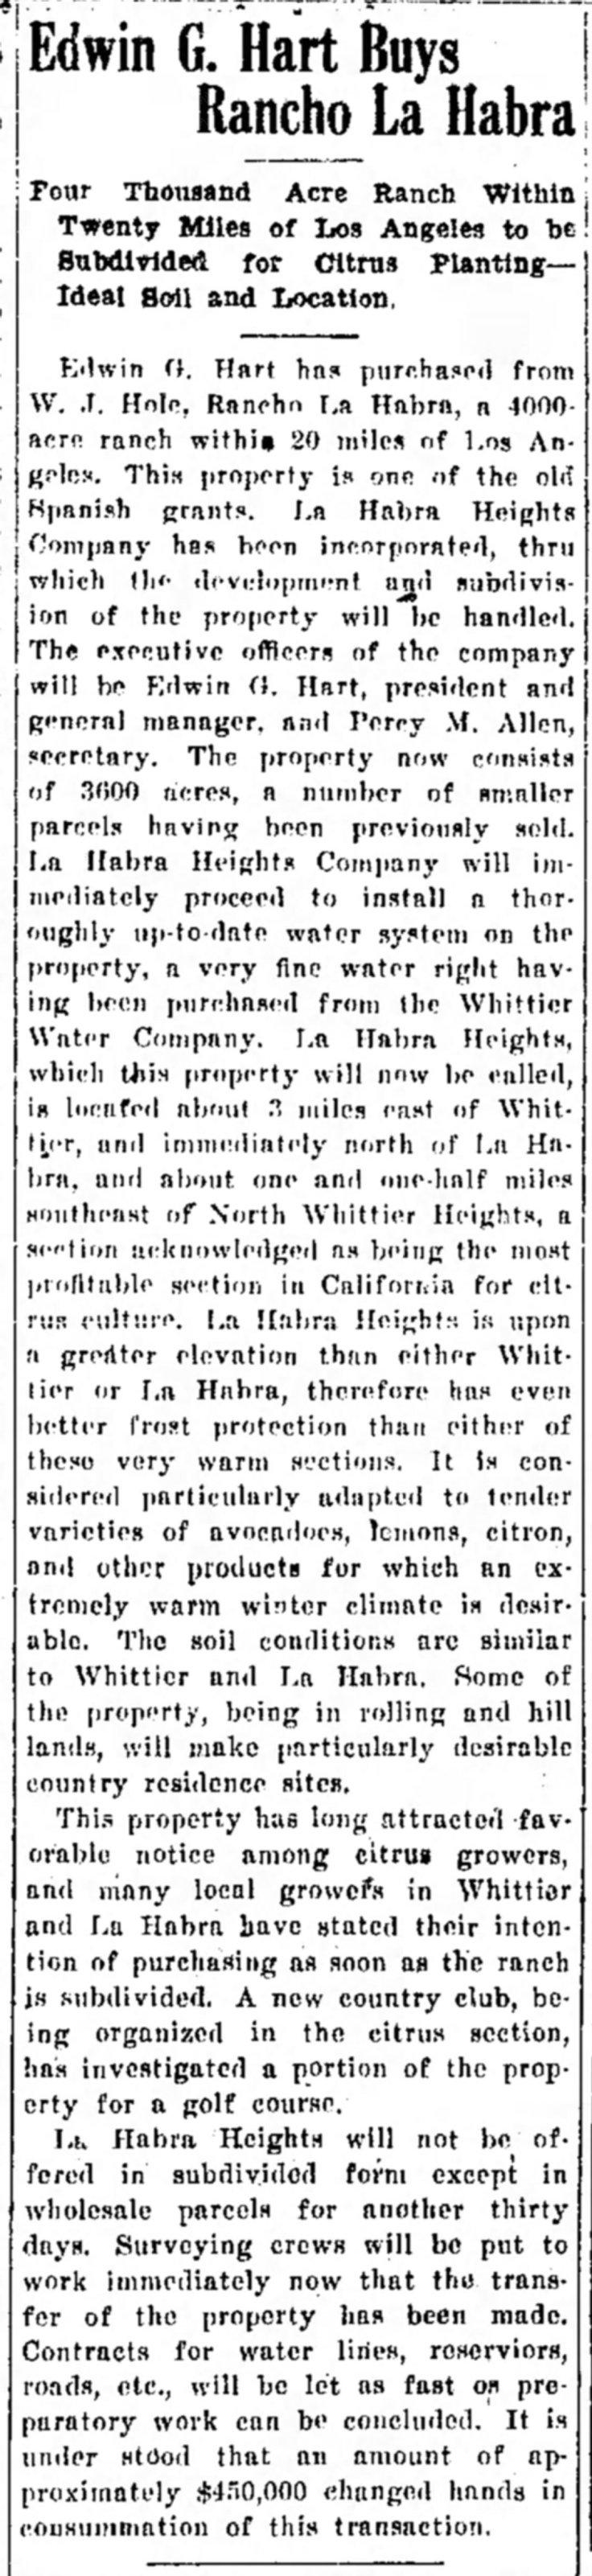 Hart buys LHH site Covina_Argus_Fri__Aug_1__1919_